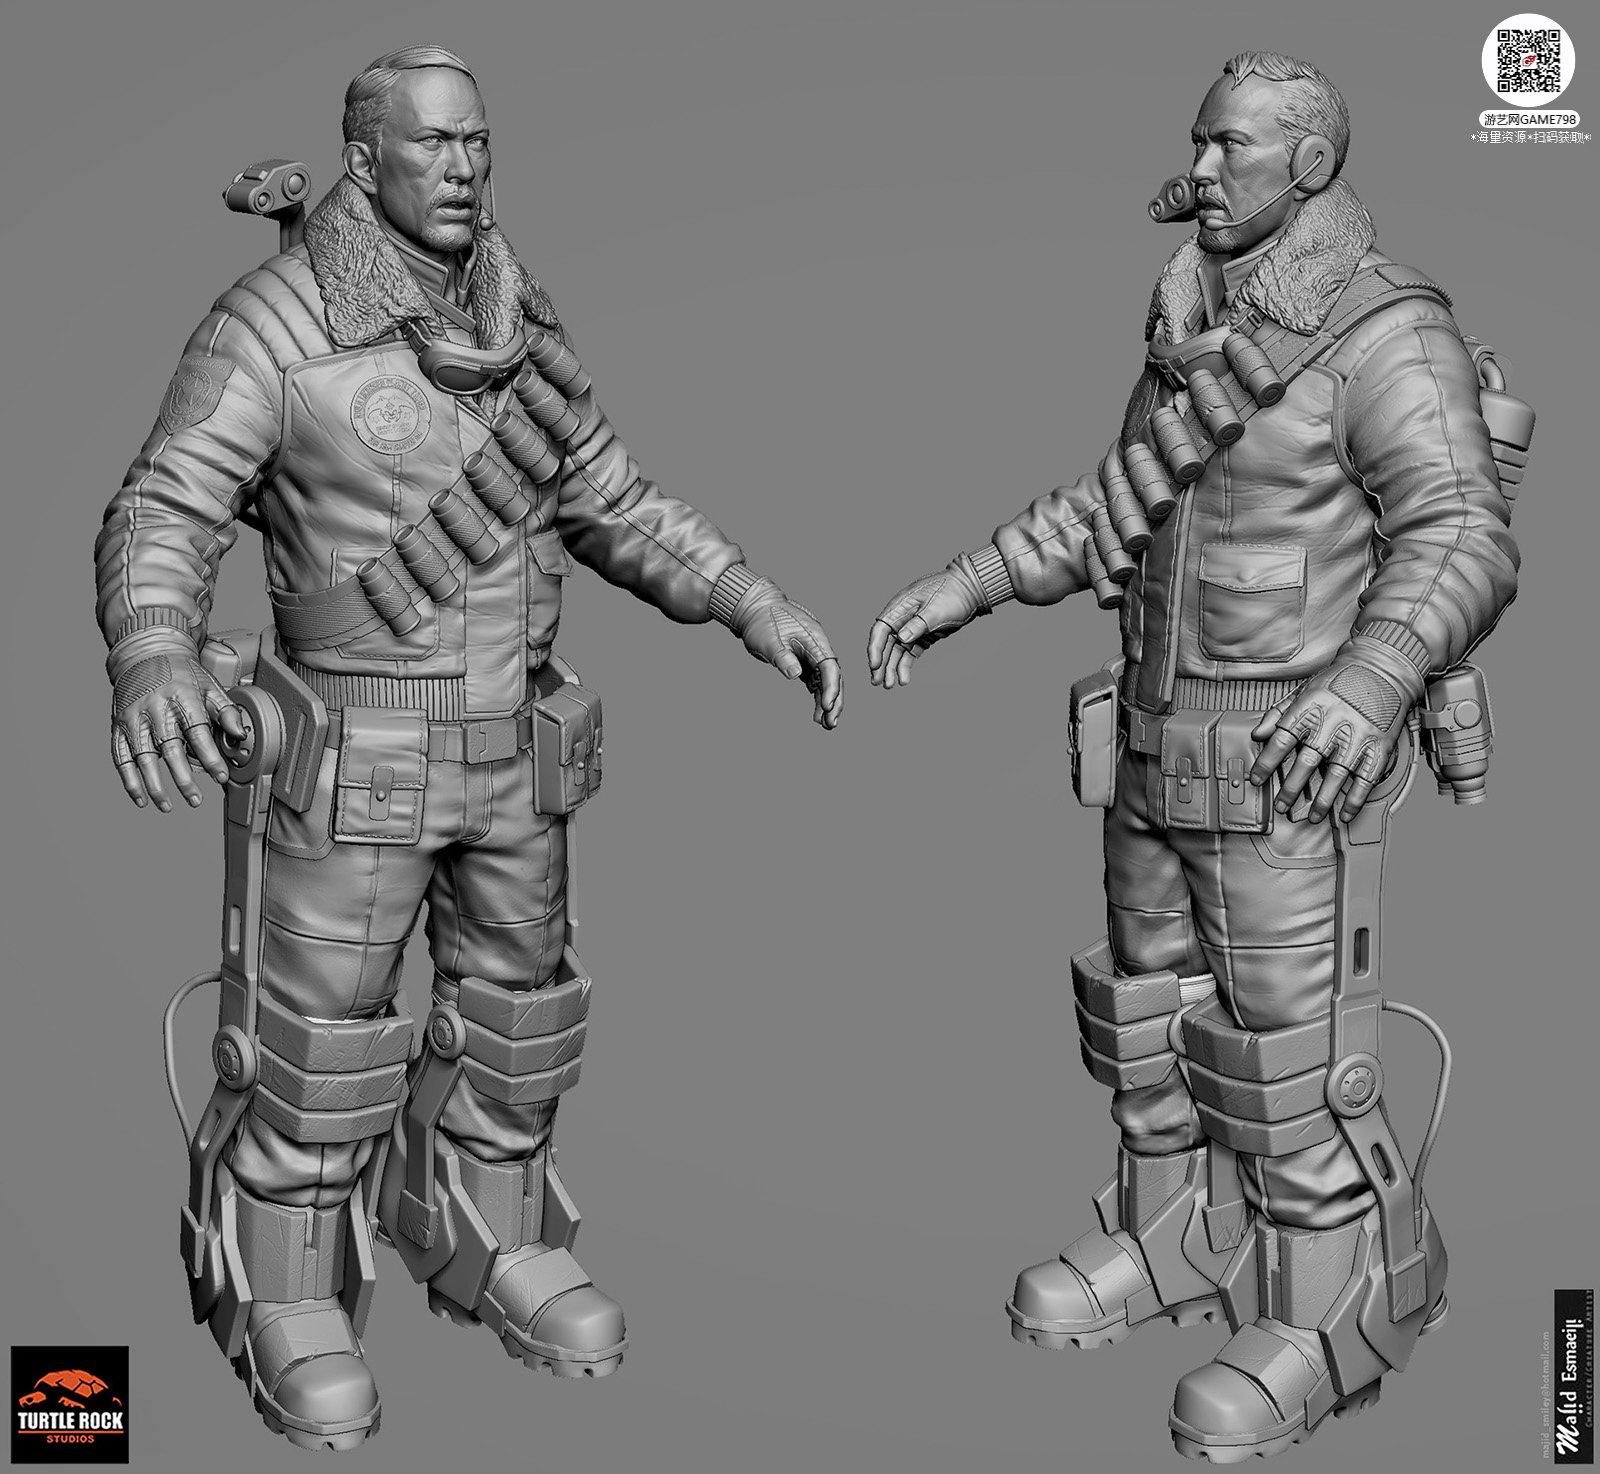 018_关注游艺网公众号获海量资源_3D网游次世代模型大图参考机械怪兽科幻ZBrush4R8雕刻.jpg